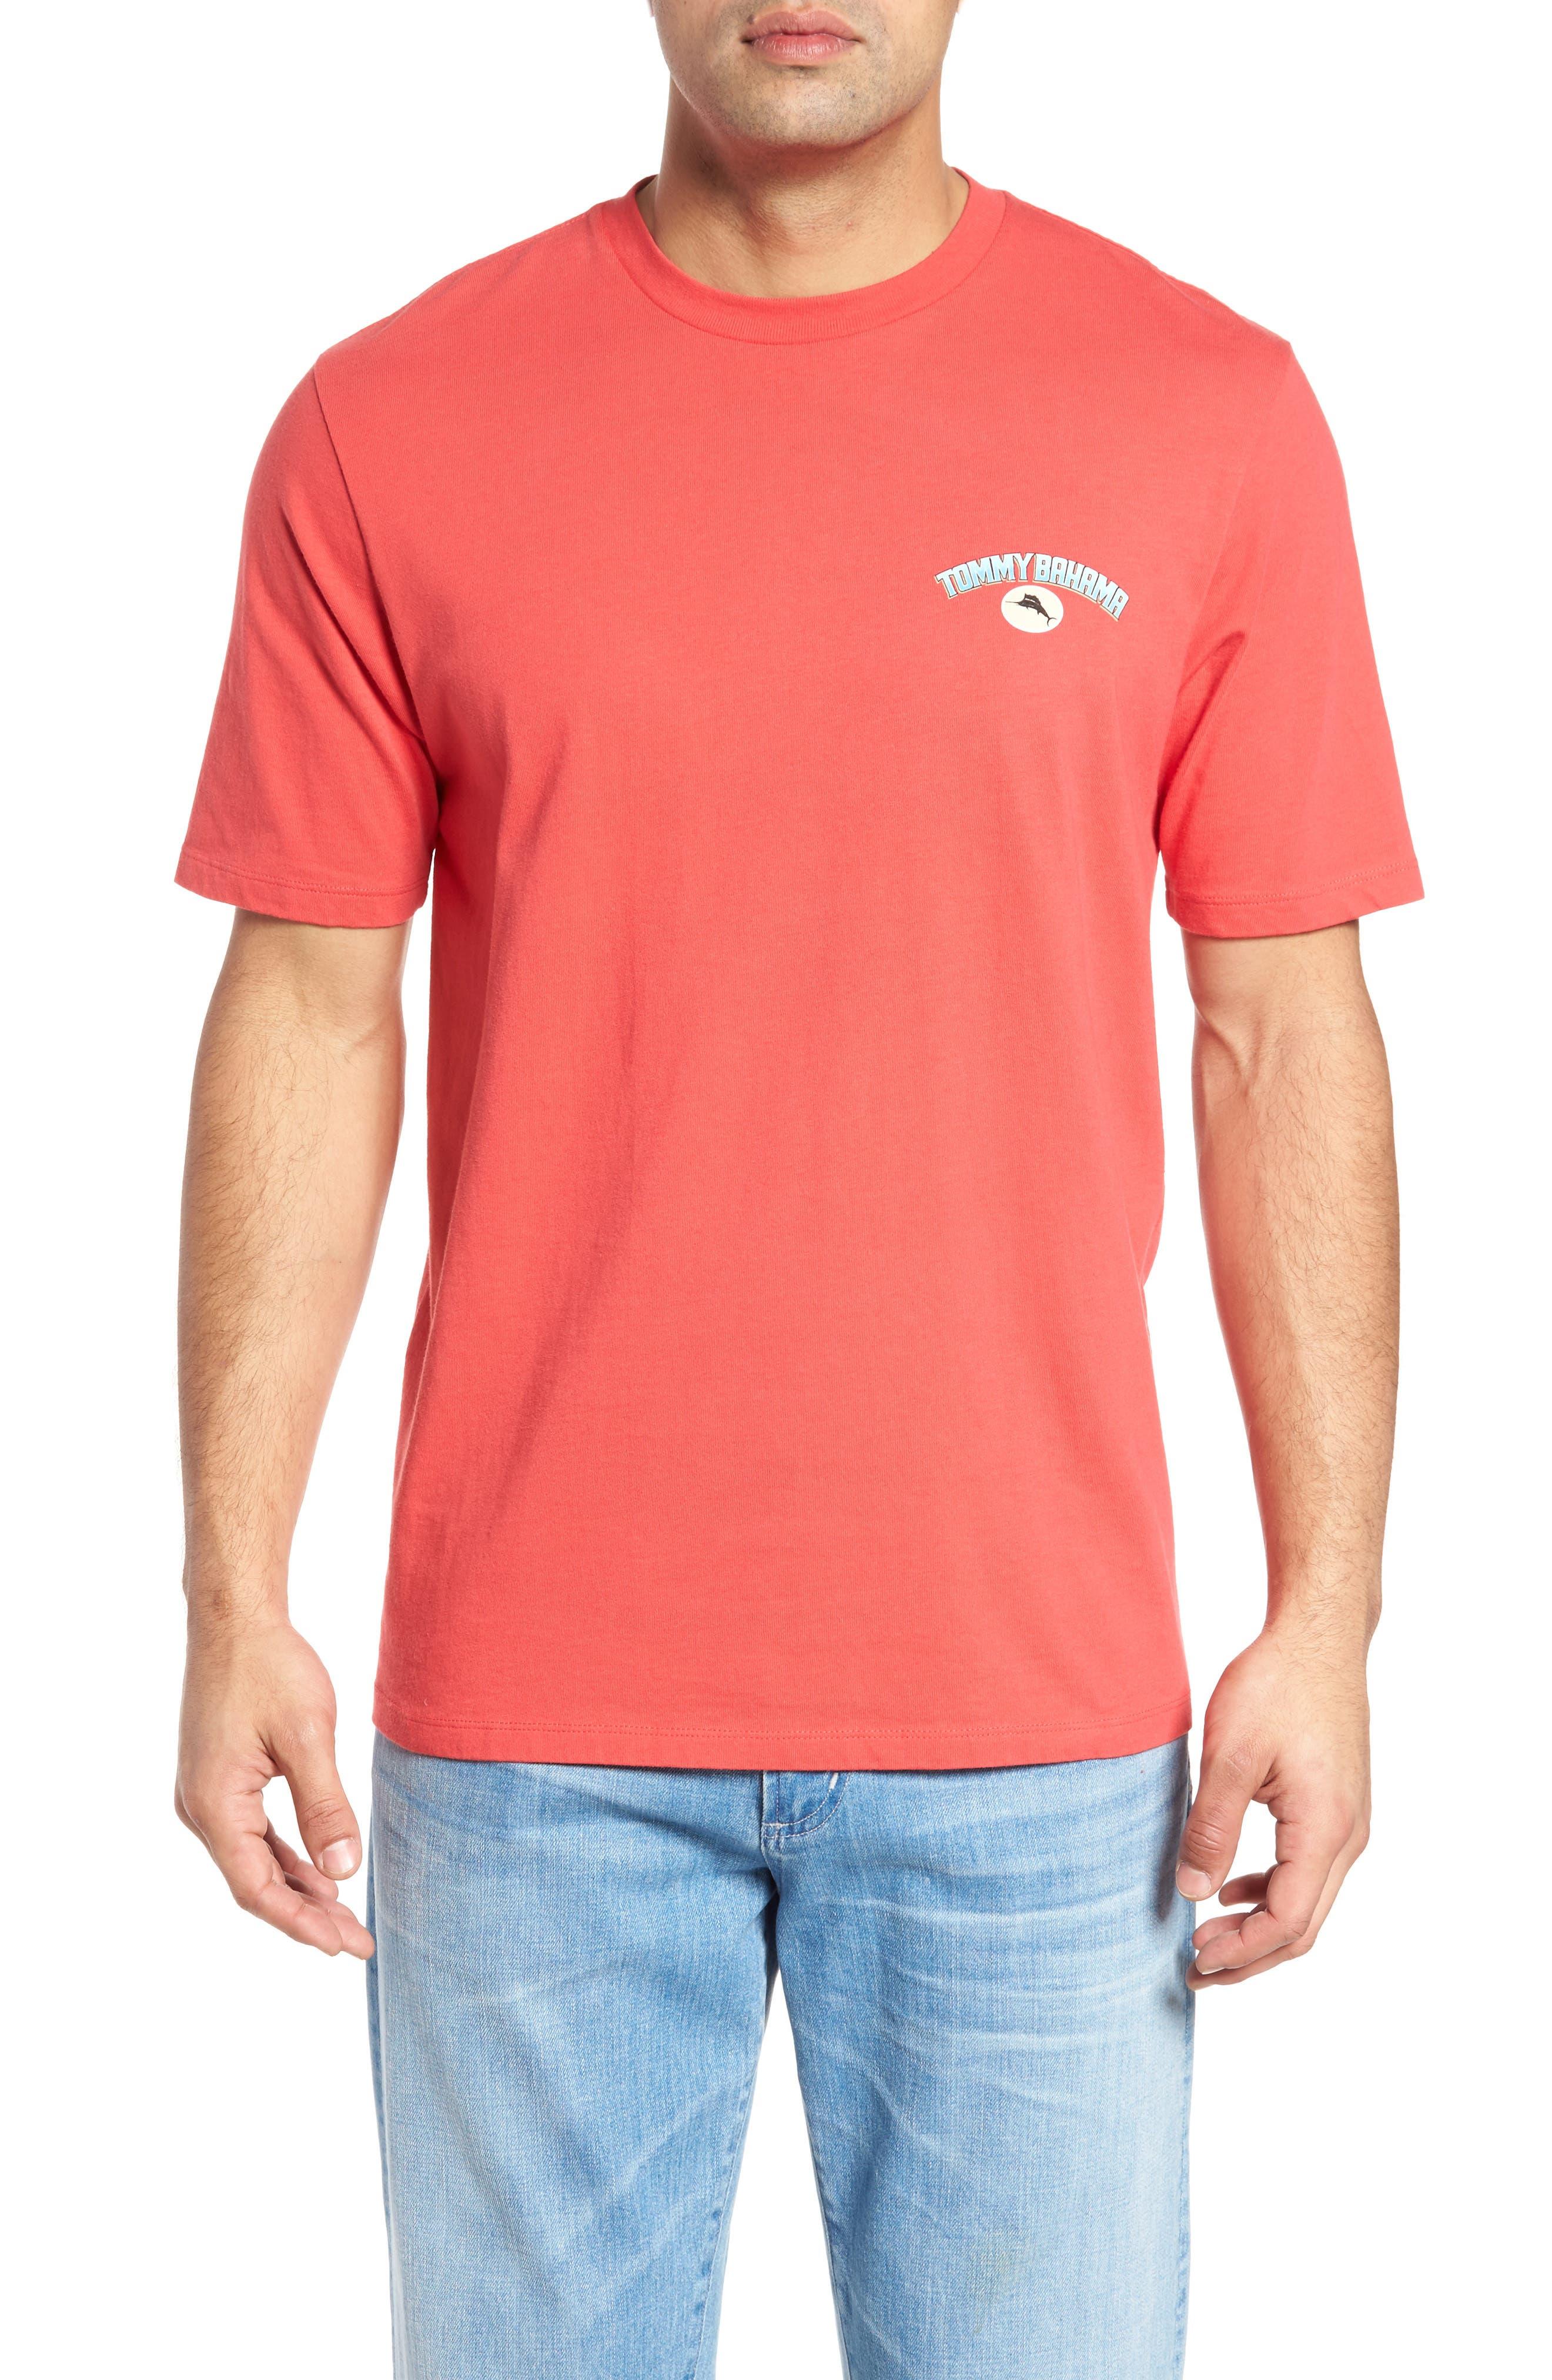 Grate Outdoors T-Shirt,                             Main thumbnail 1, color,                             Pomodoro